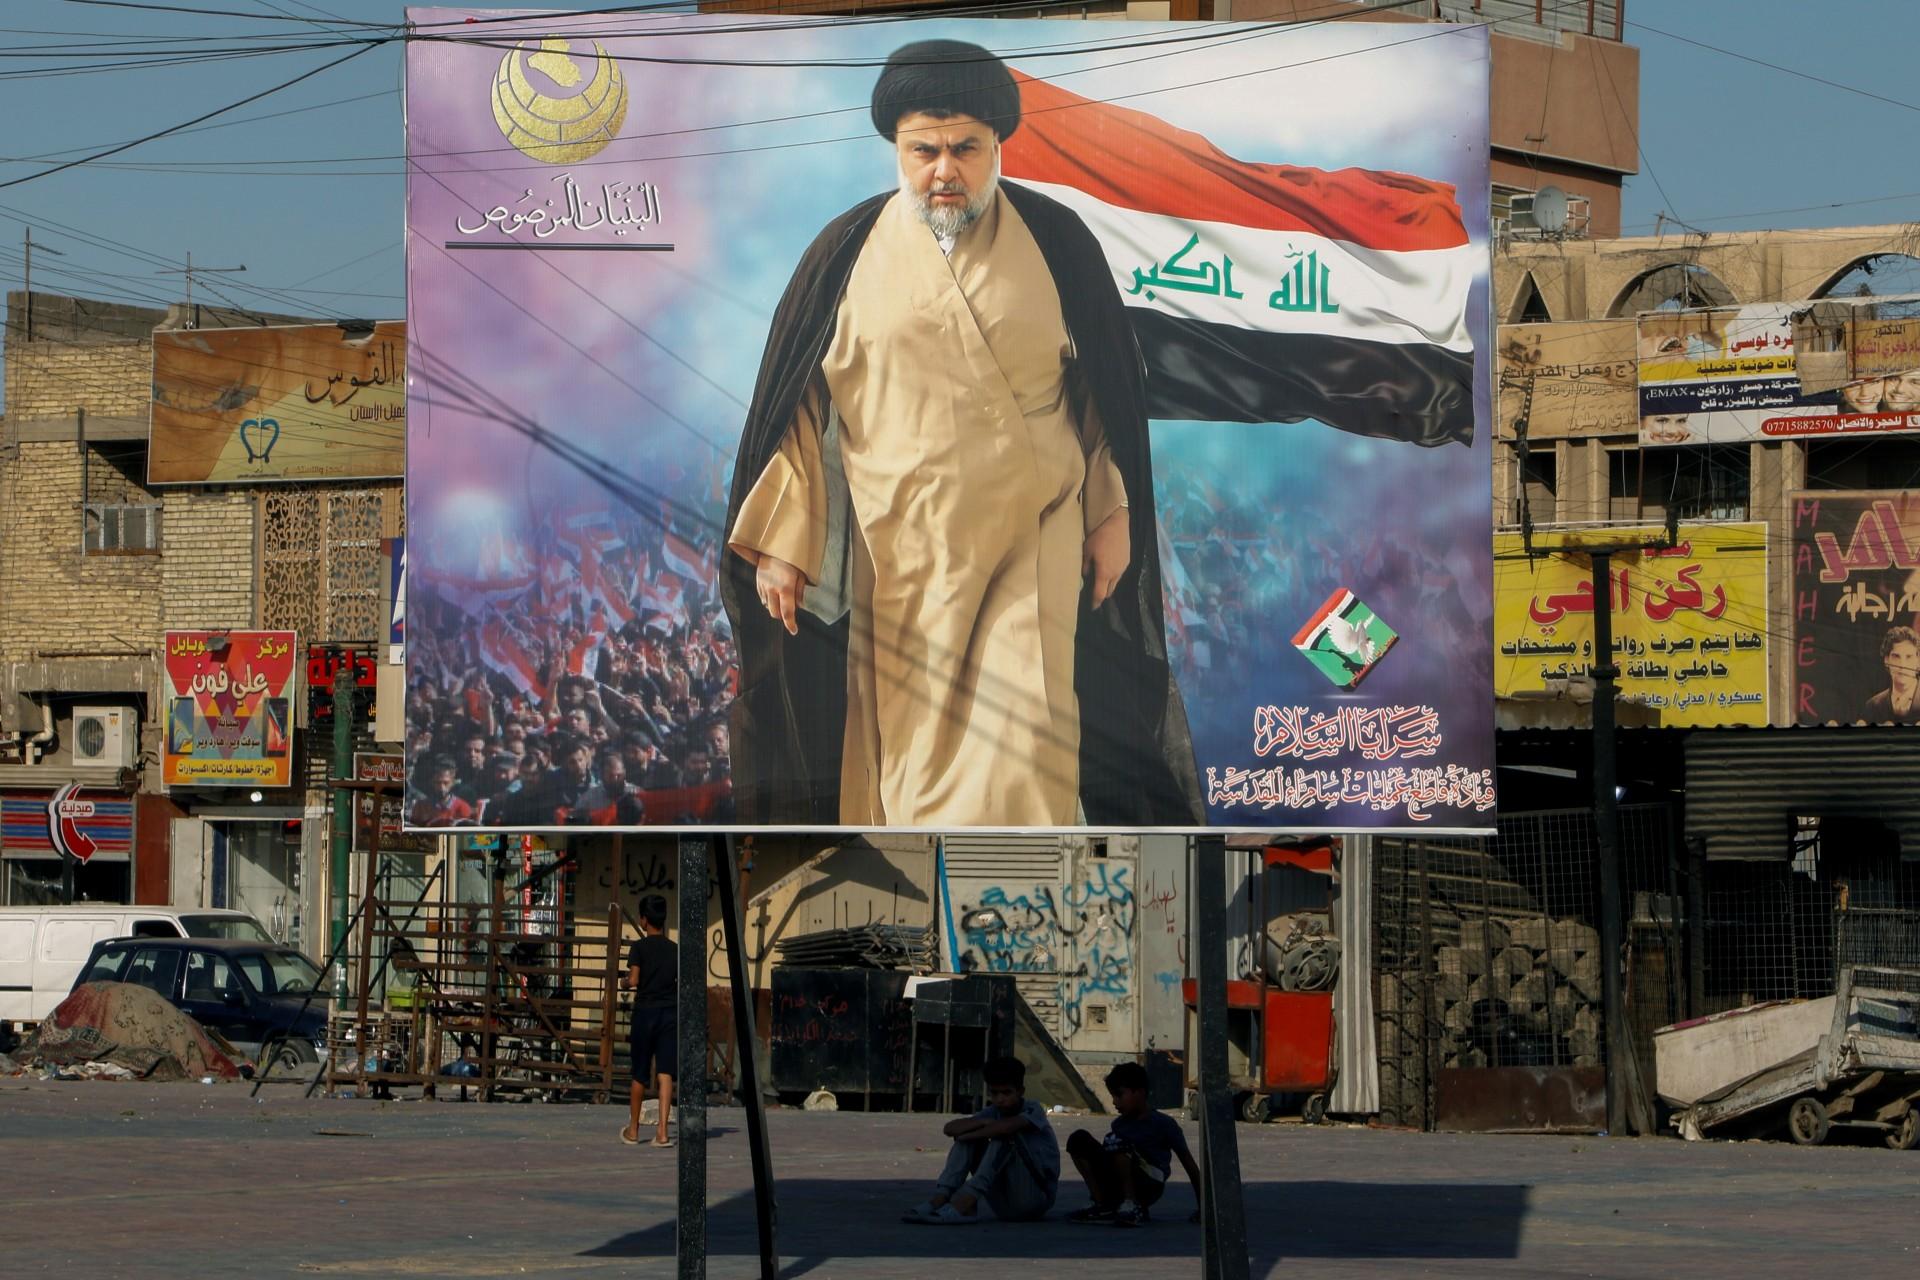 Iraqi boys sit under a poster of Moqtada al-Sadr in the Sadr City district of Baghdad (Reuters)